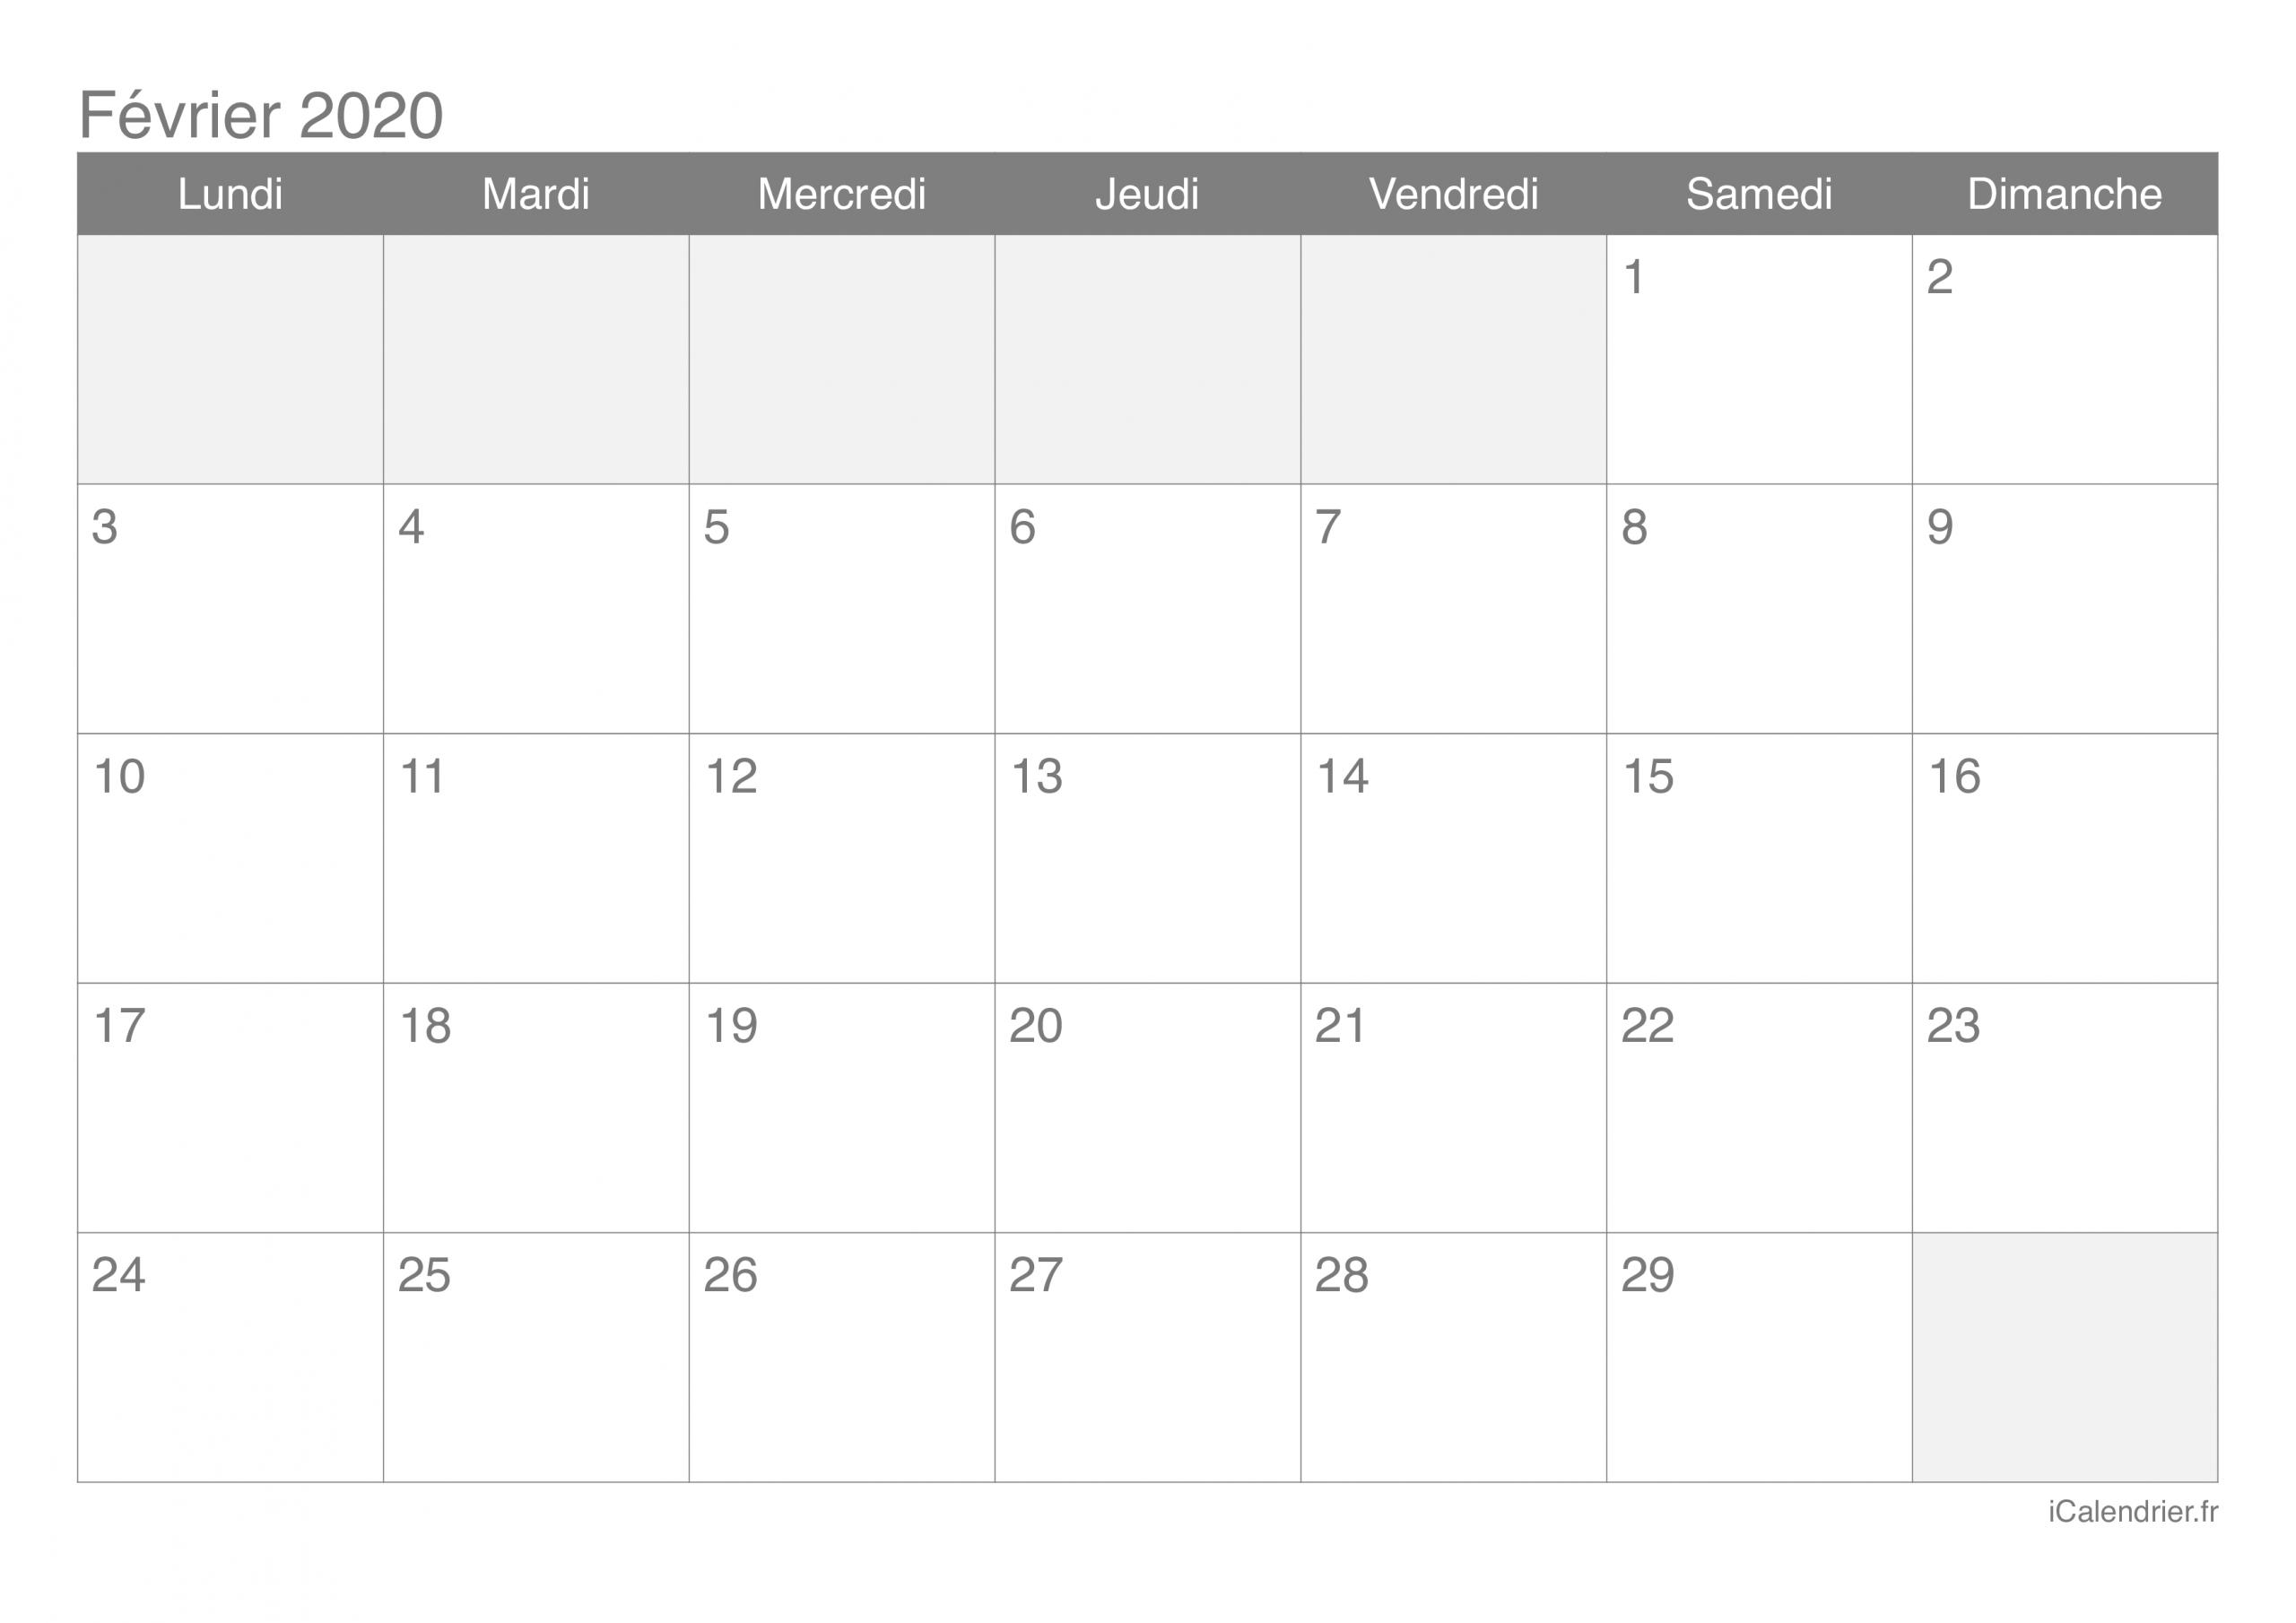 Calendrier Février 2020 À Imprimer - Icalendrier intérieur Imprimer Des Calendriers